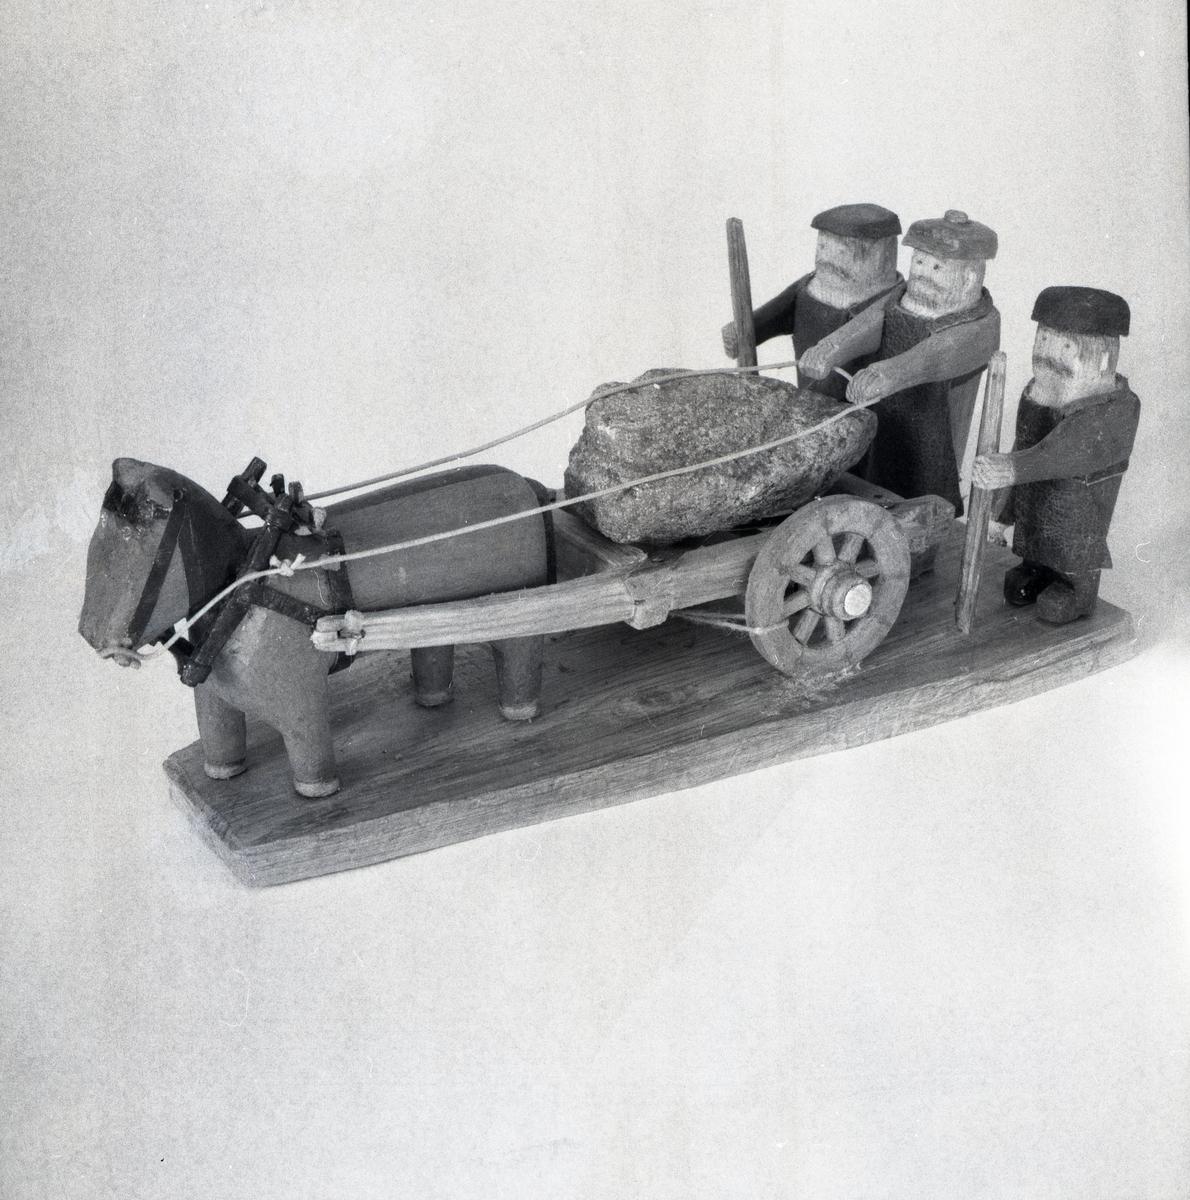 En modell föreställande tre figurer och en häst med vagn i trä.